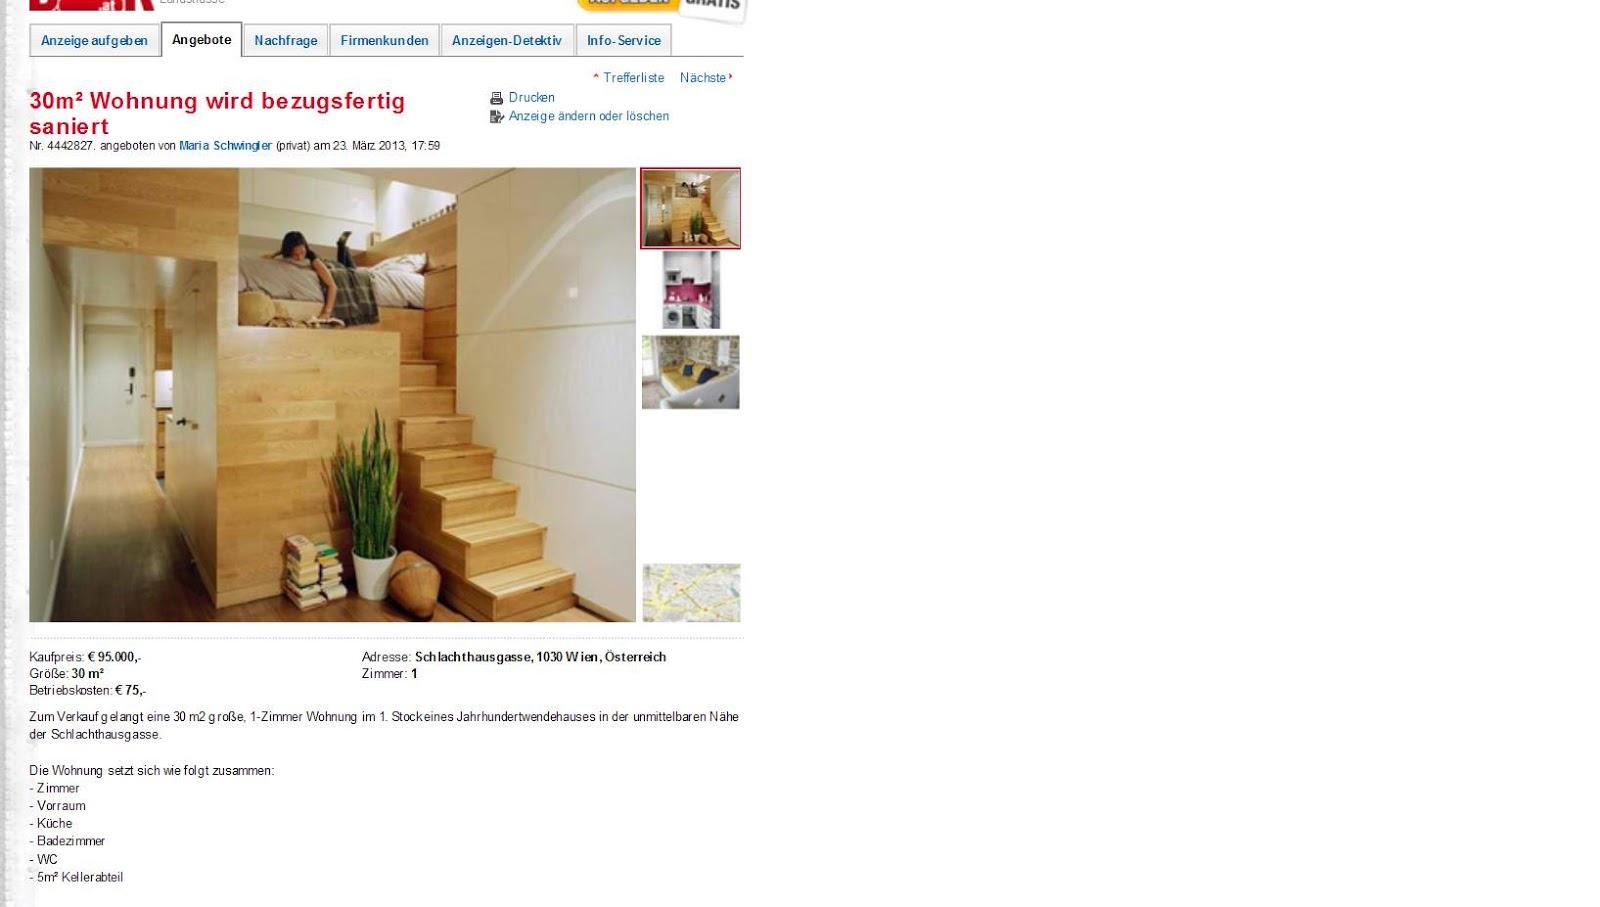 30m² Wohnung Wird Bezugsfertig Saniert Schlachthausgasse 1030 Wien